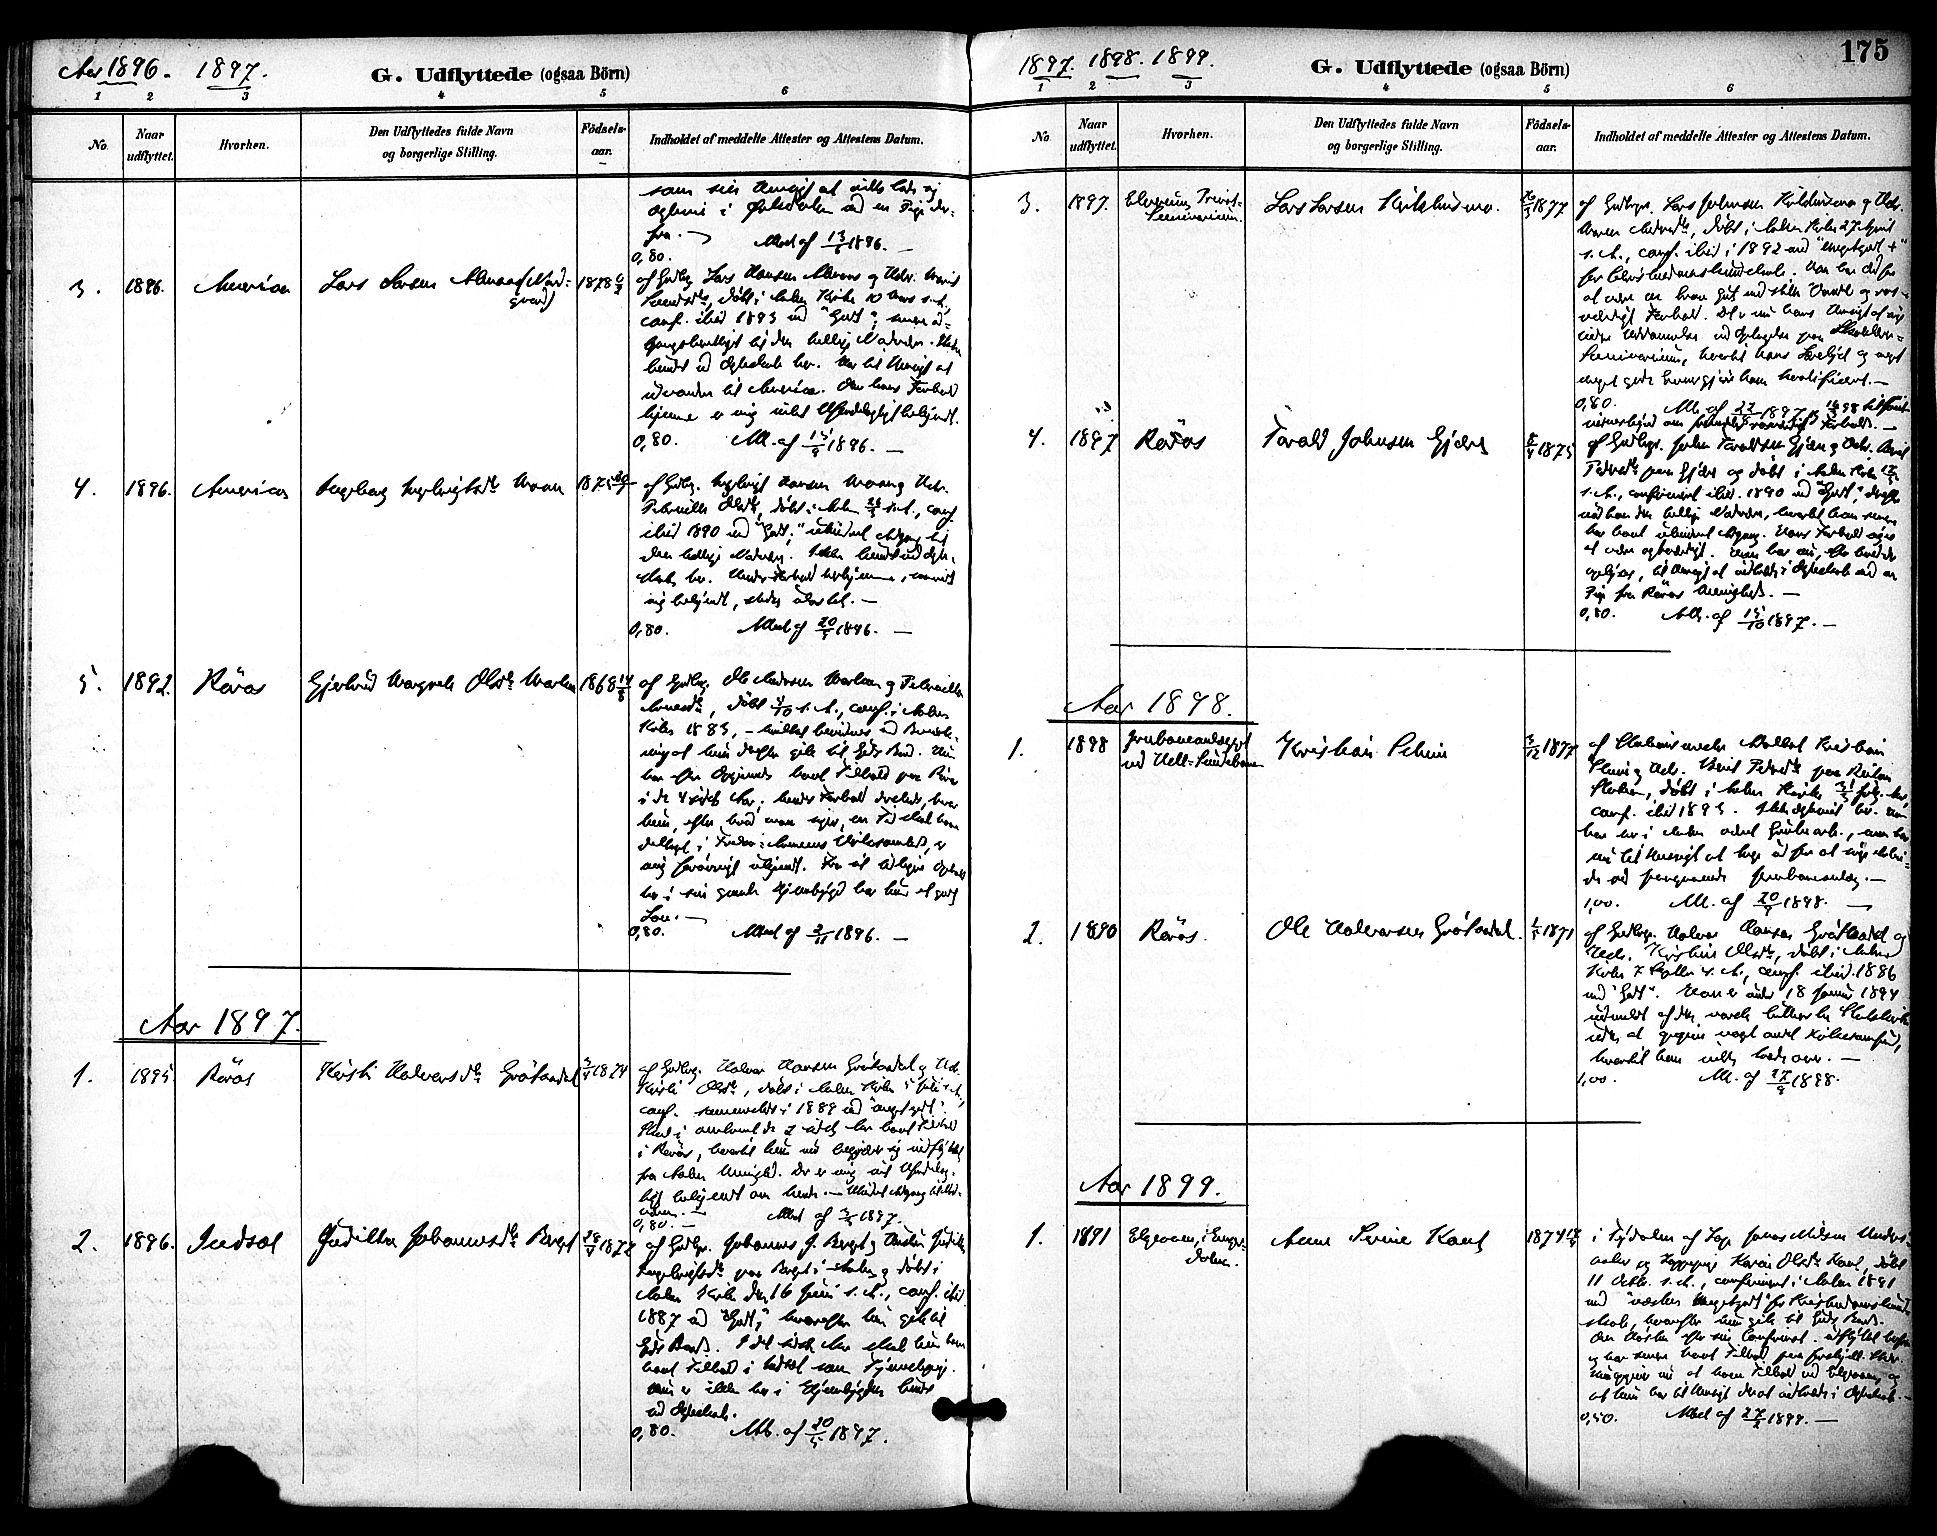 SAT, Ministerialprotokoller, klokkerbøker og fødselsregistre - Sør-Trøndelag, 686/L0984: Ministerialbok nr. 686A02, 1891-1906, s. 175